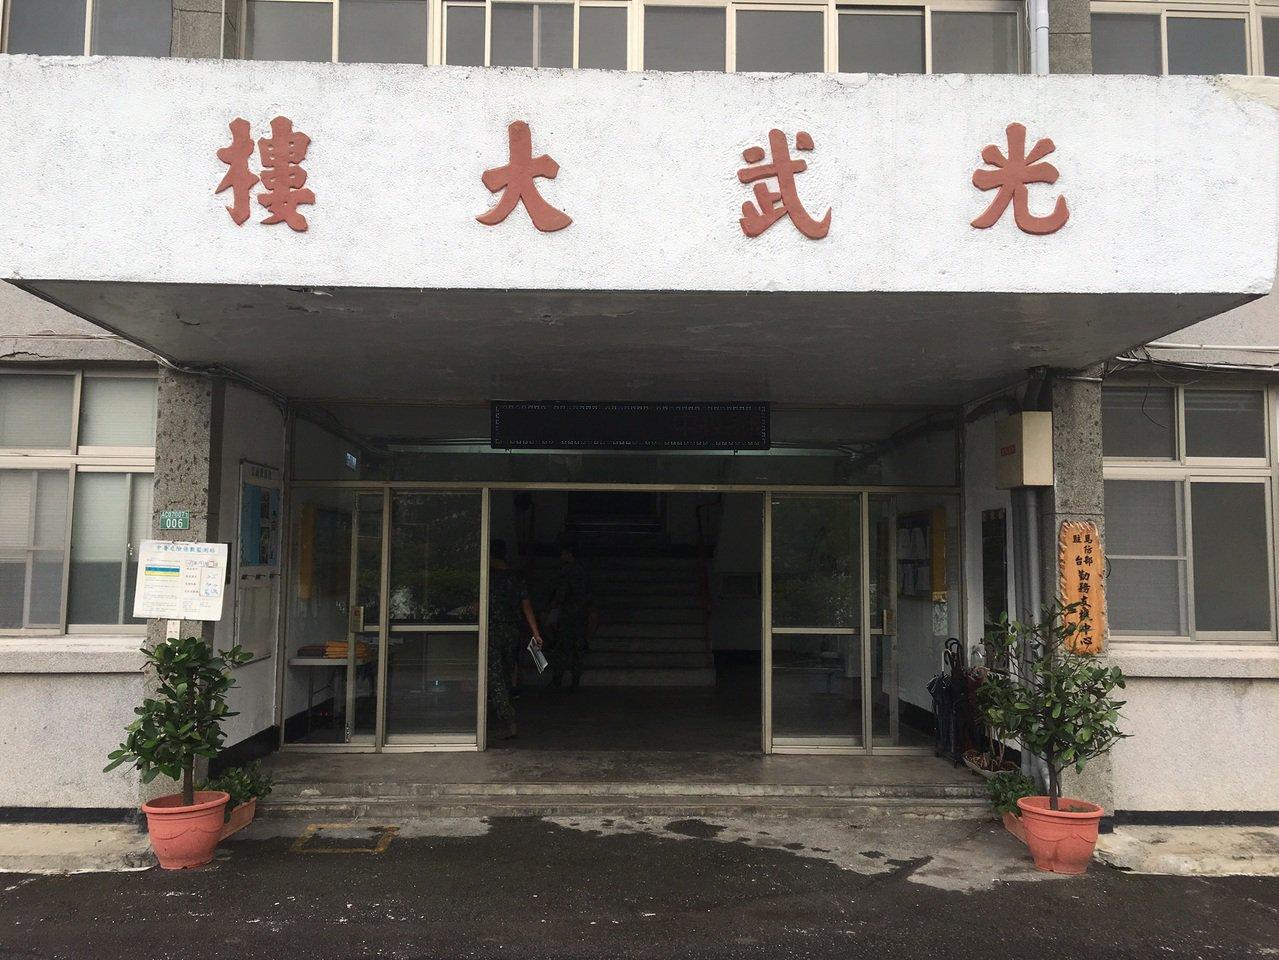 韋昌嶺的光武大樓。圖/基隆市文化局提供